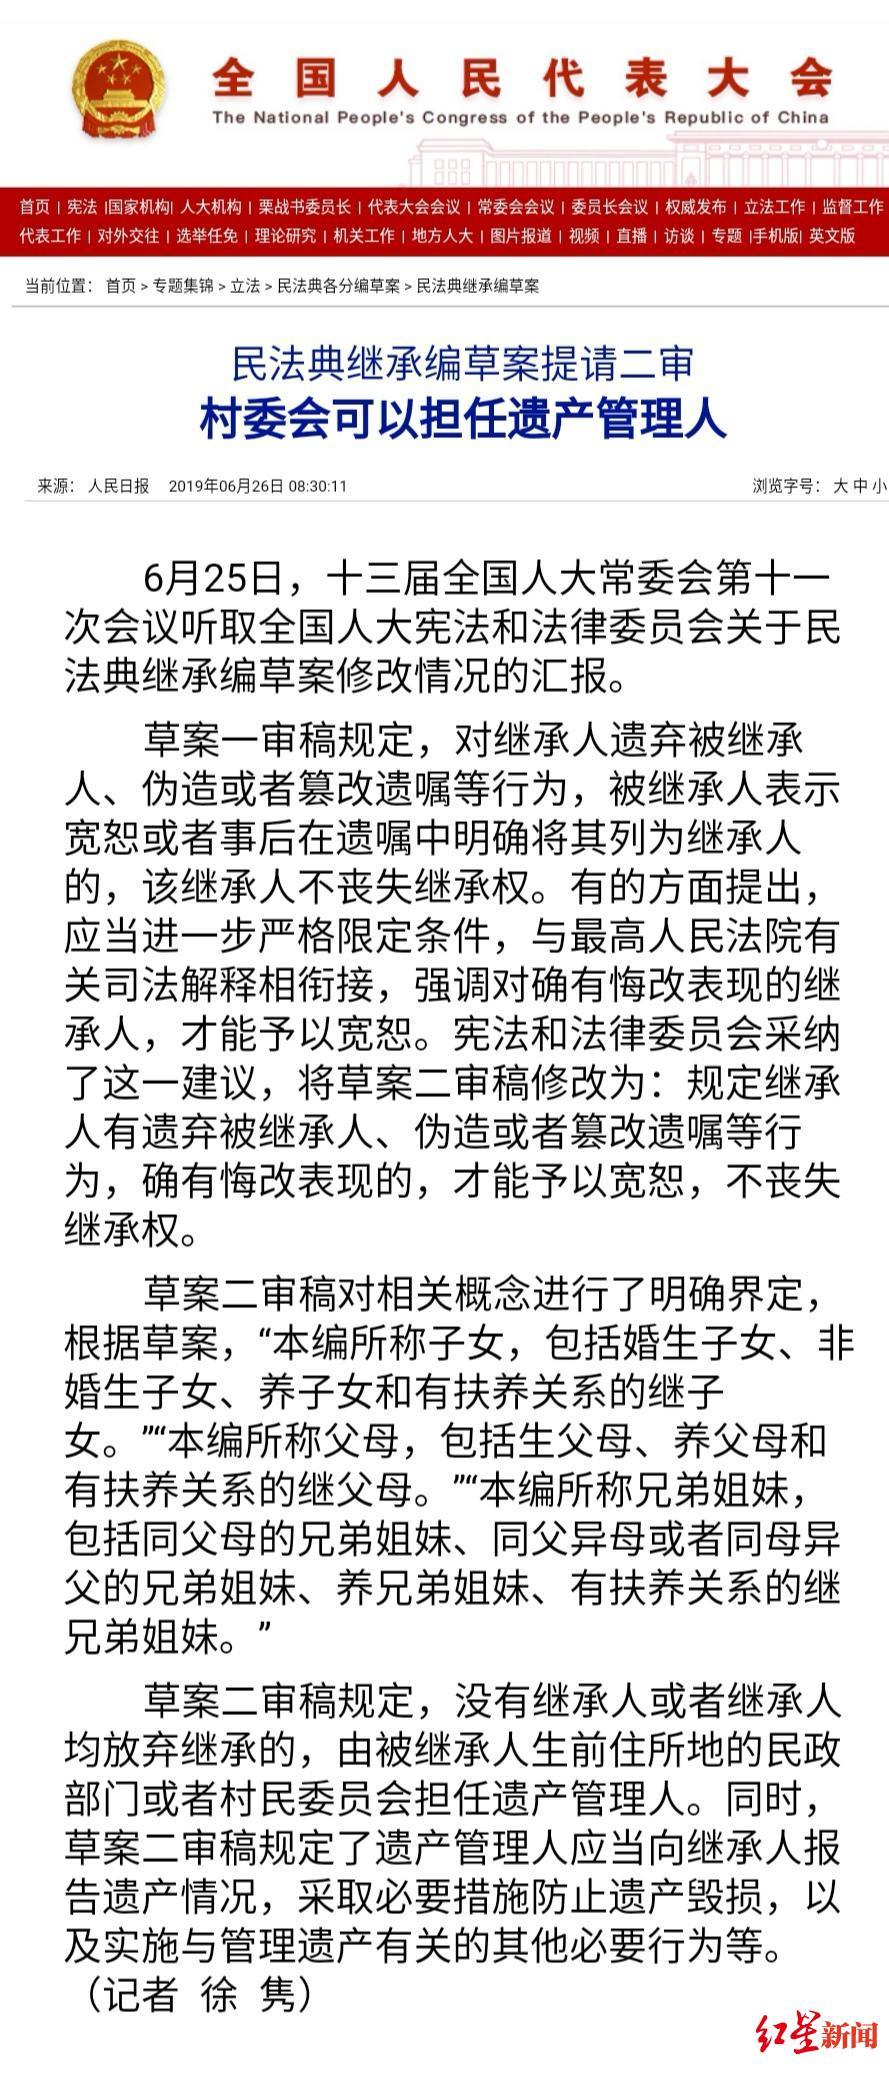 拉菲2娱乐天地手机版_服务国家战略,中国太平国际化再出发